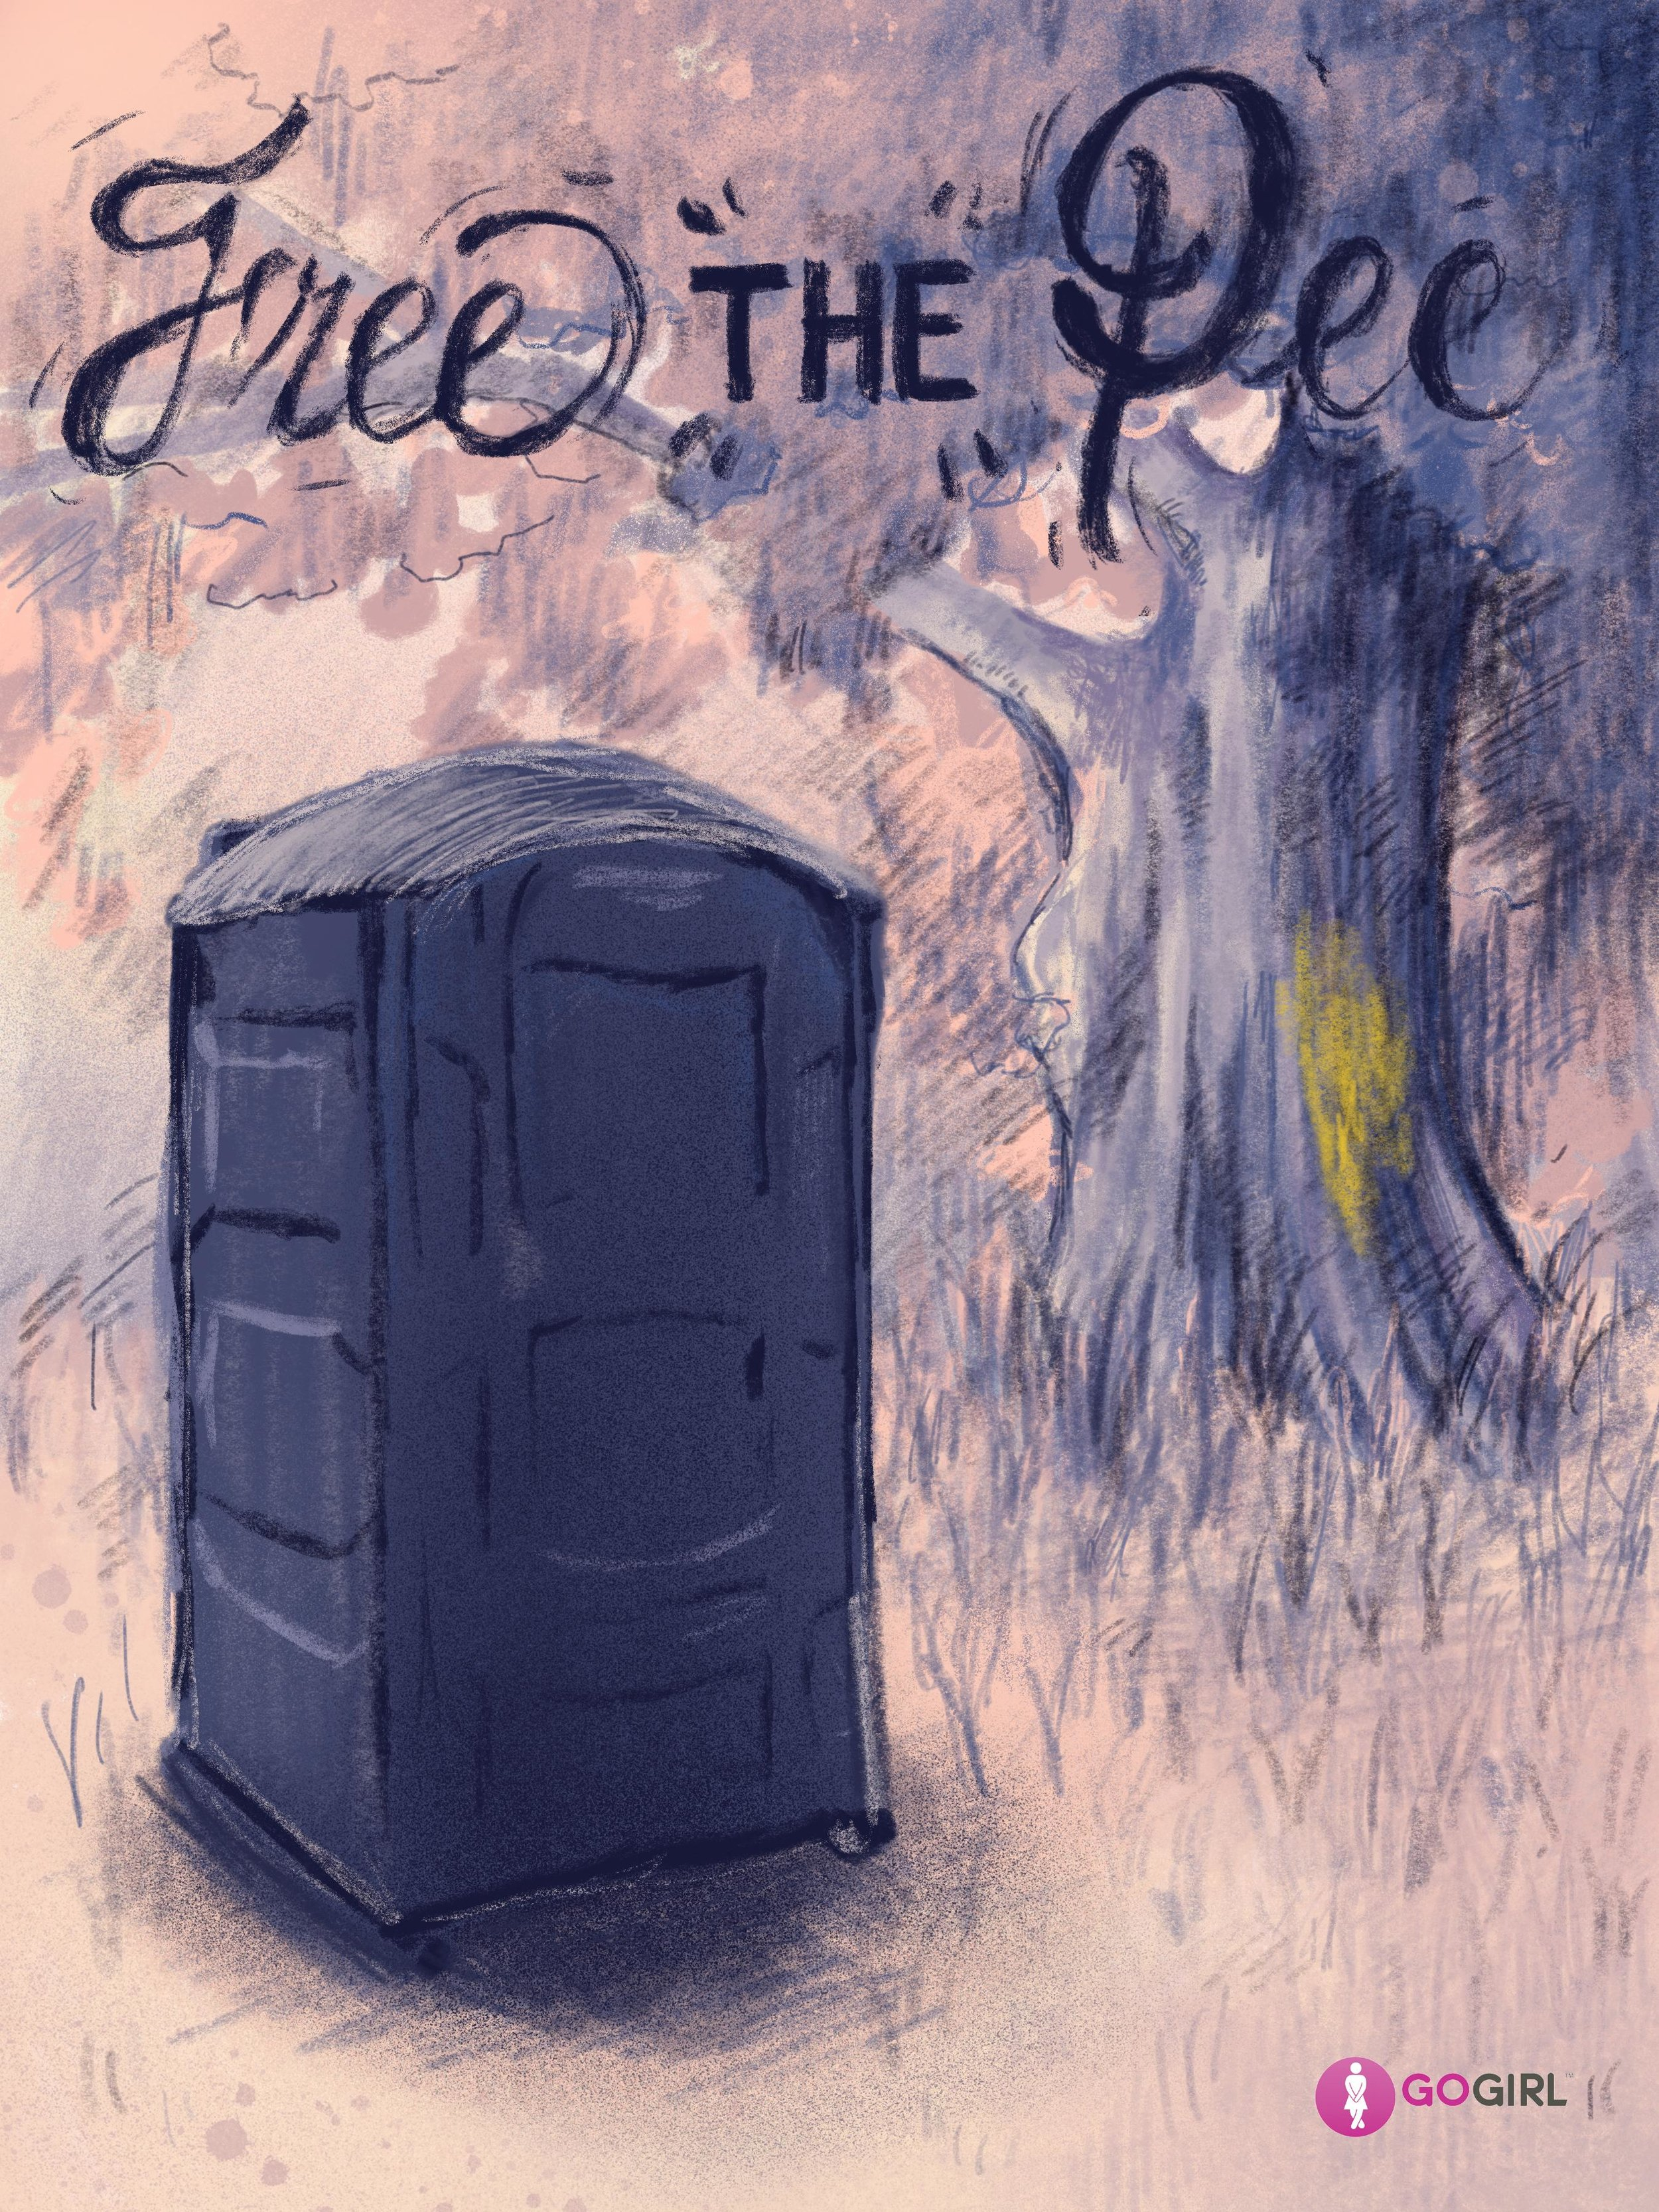 the pee tree -page-001.jpg